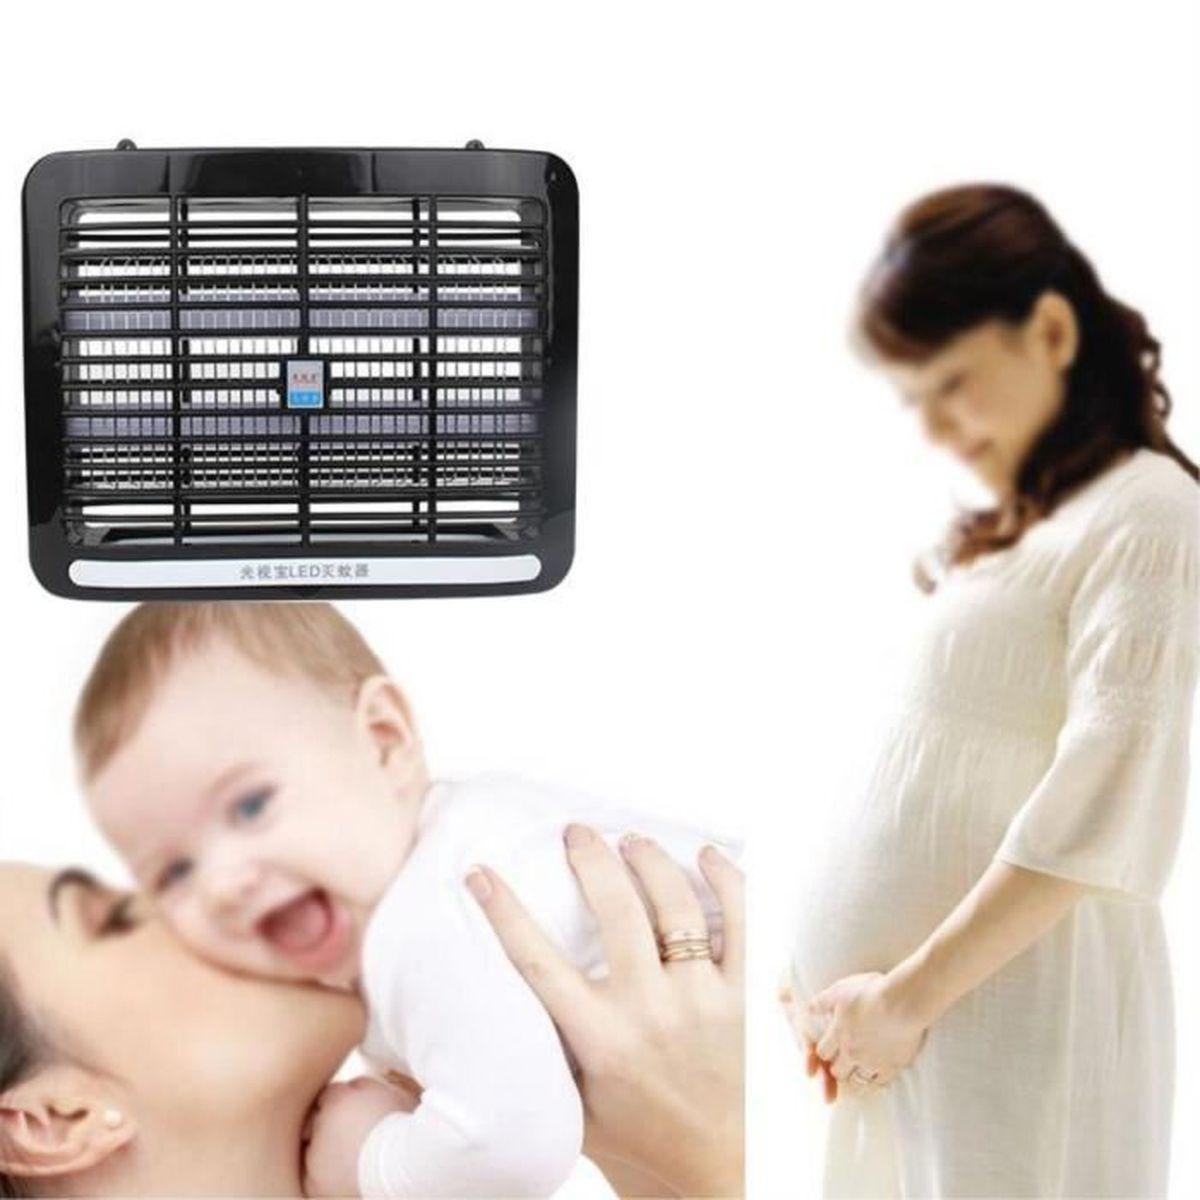 220v 1w led uv lumi re anti moustique destructeur insectes mouche r pulsif achat vente. Black Bedroom Furniture Sets. Home Design Ideas